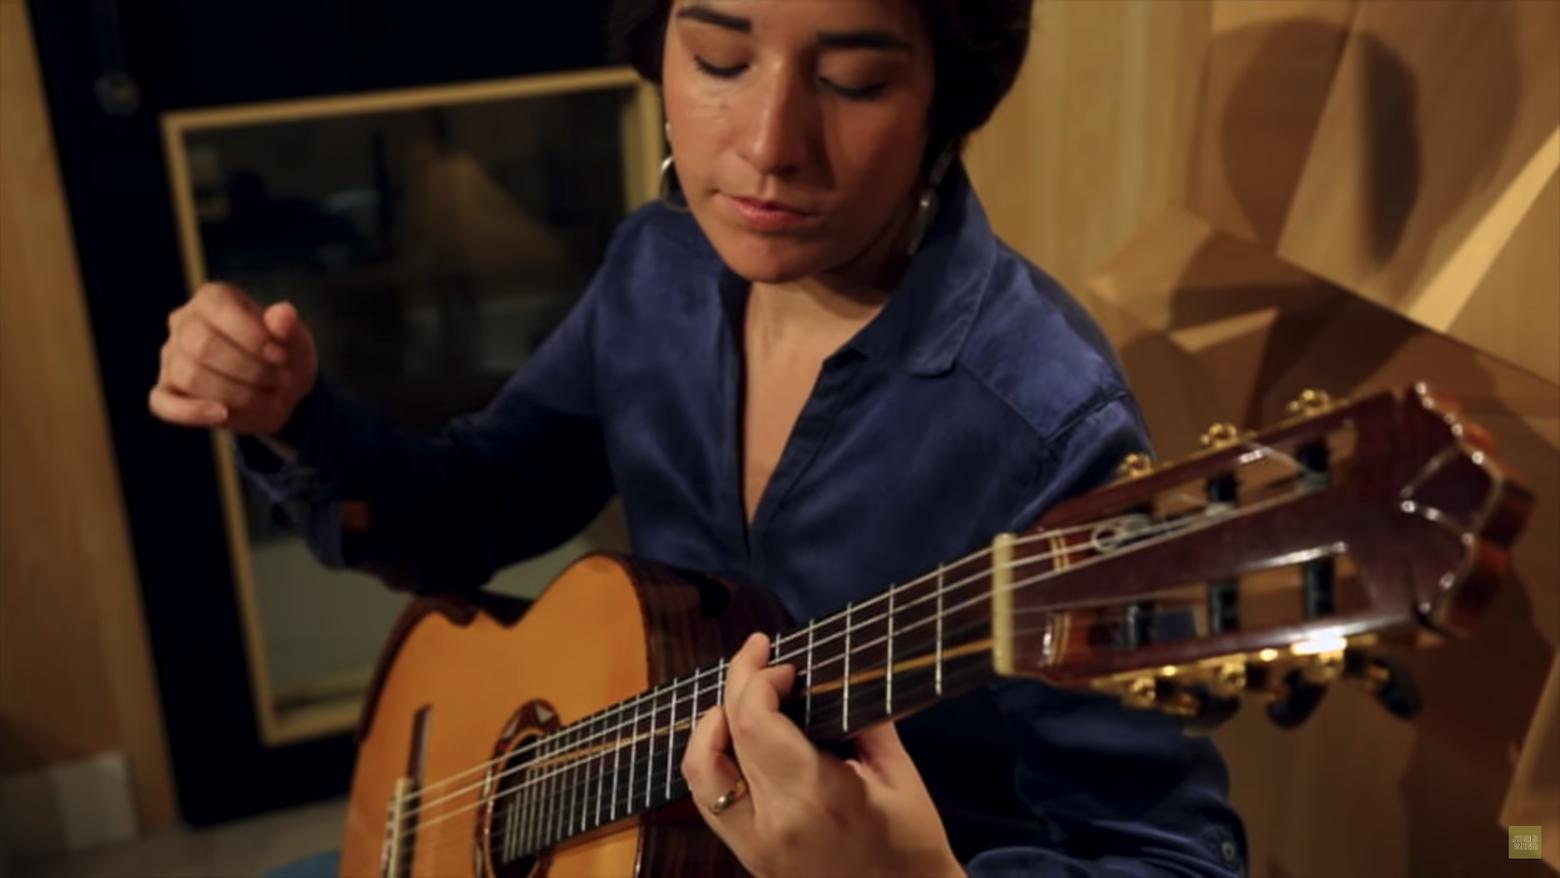 Mostra reúne 67 mulheres violonistas neste fim de semana - foto: Elodie Bouny